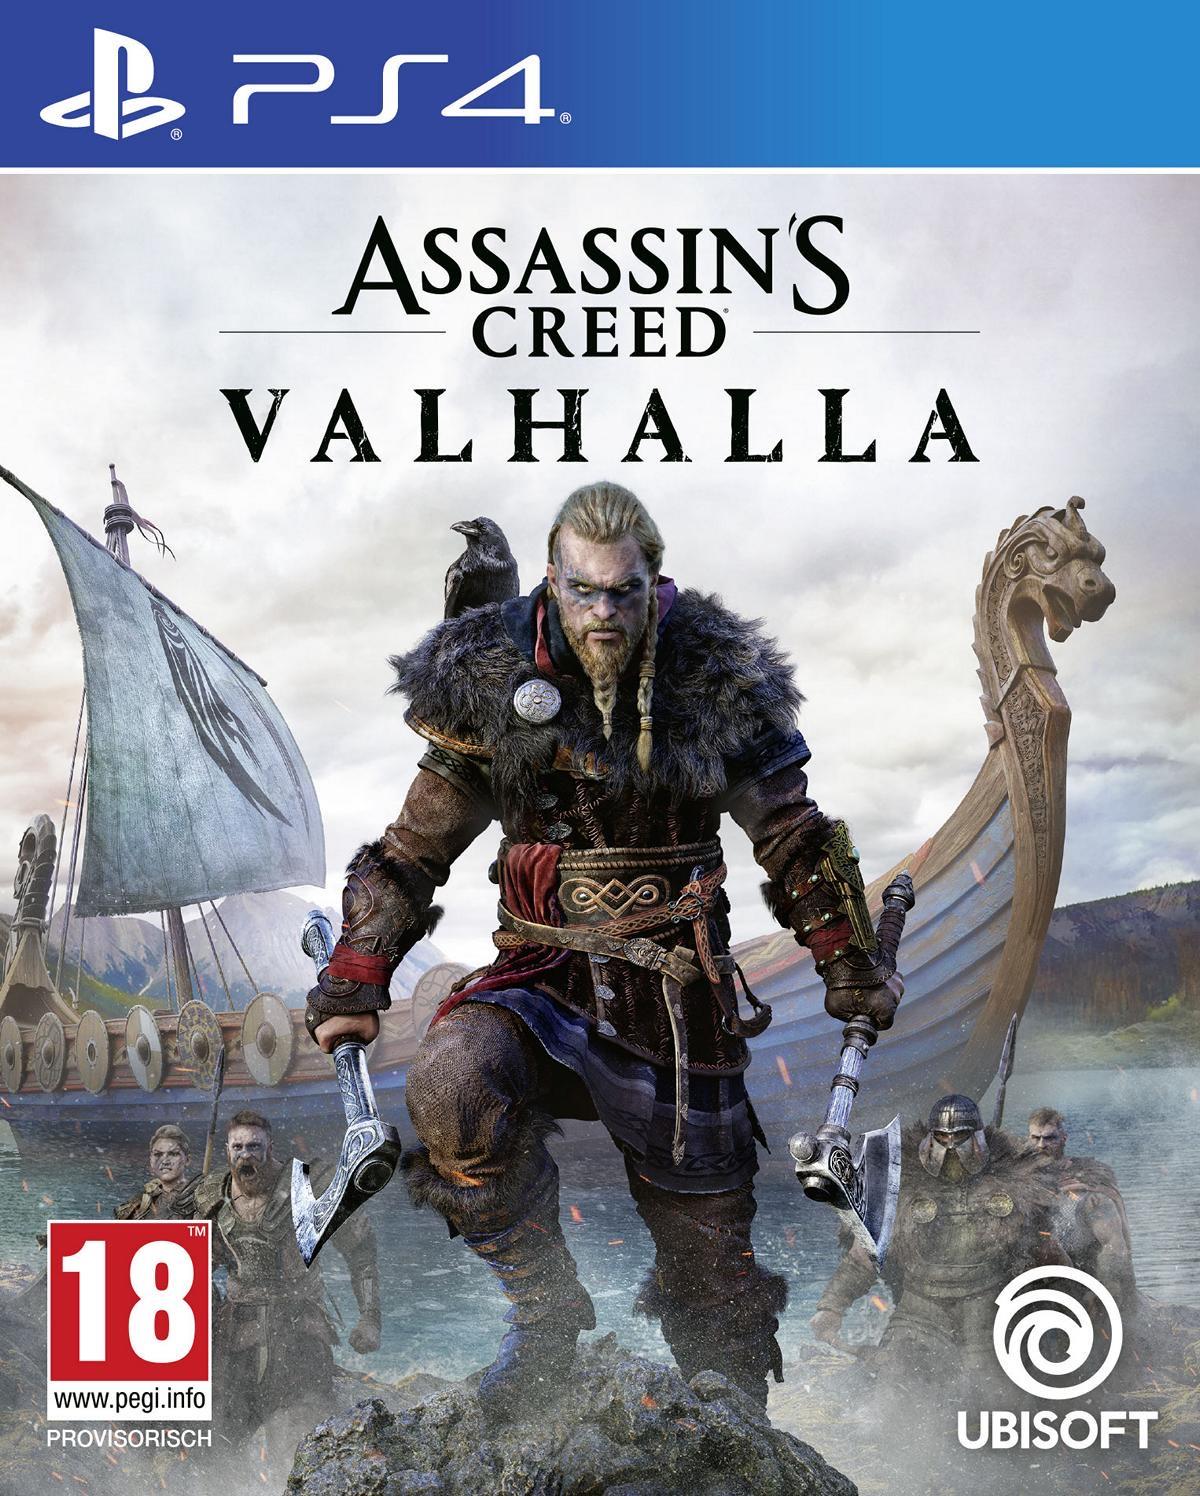 Assassin's Creed Valhalla Ps4 Playstation 4 oder XBox One für 29,99€ + Versand